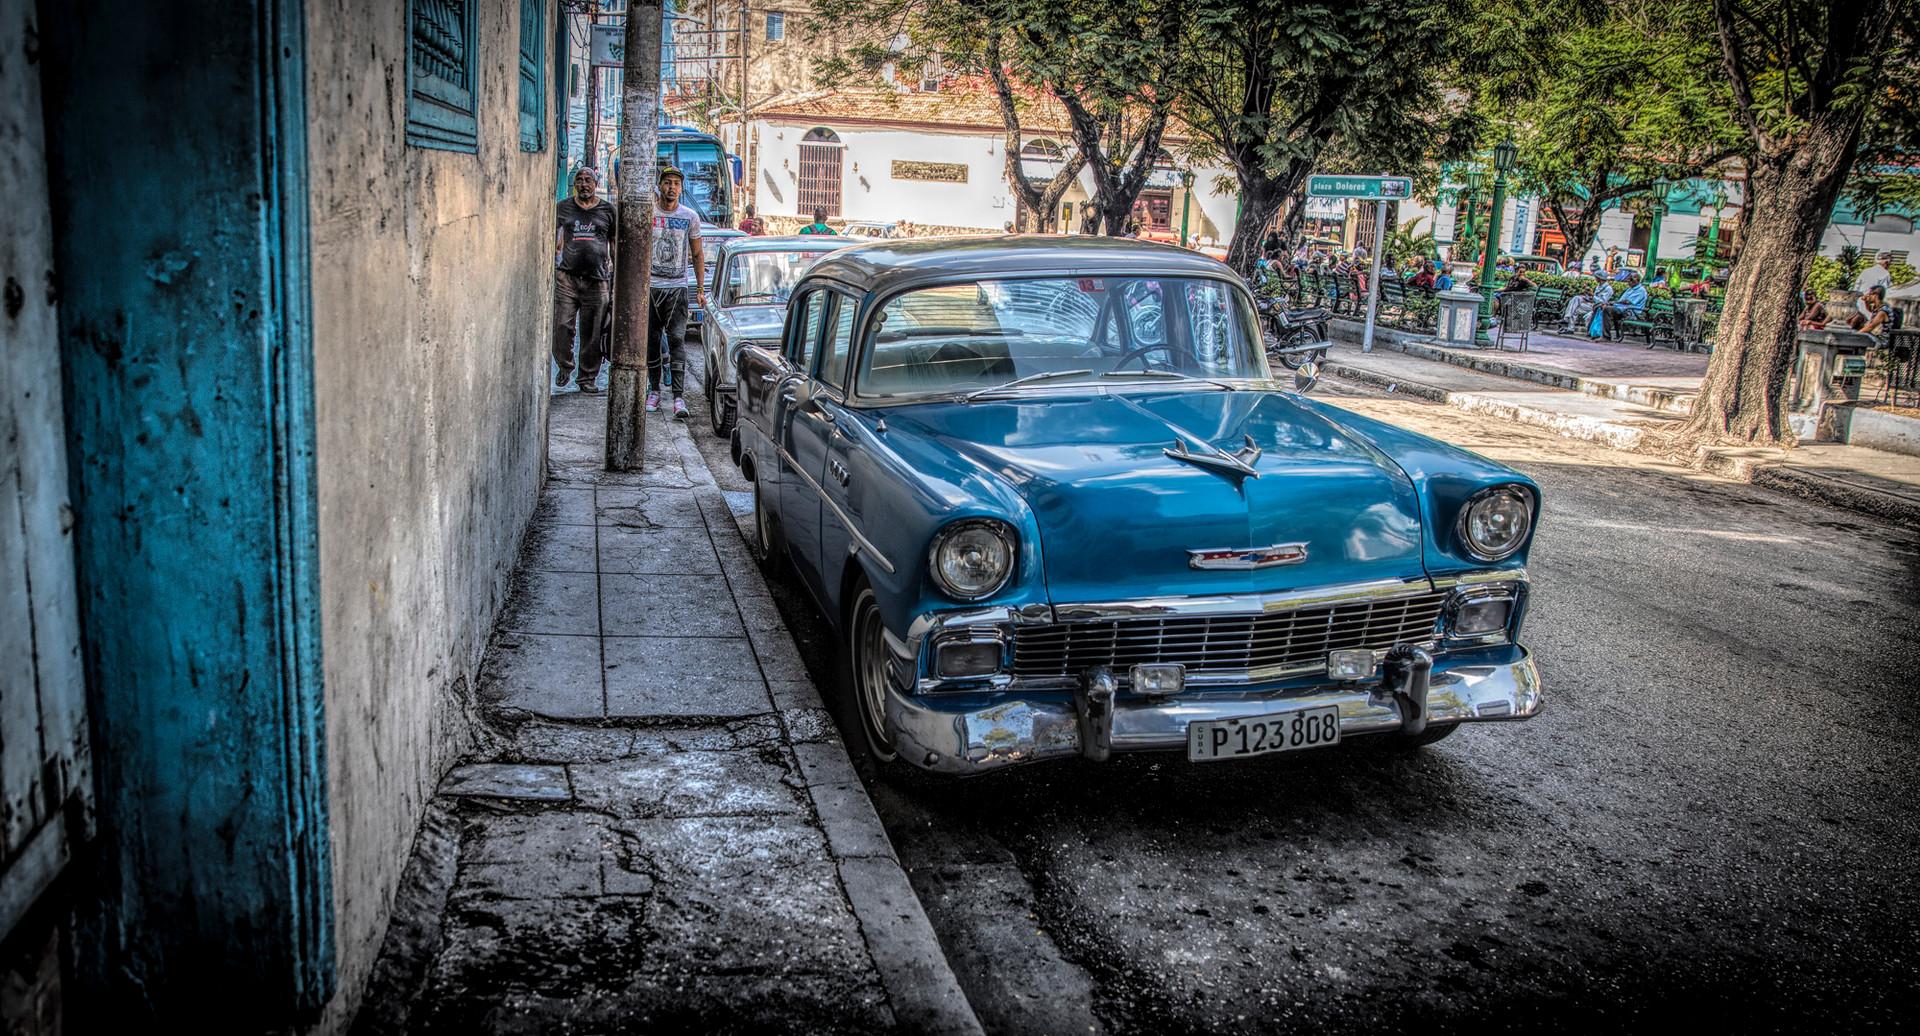 1956 Chevy in Havana